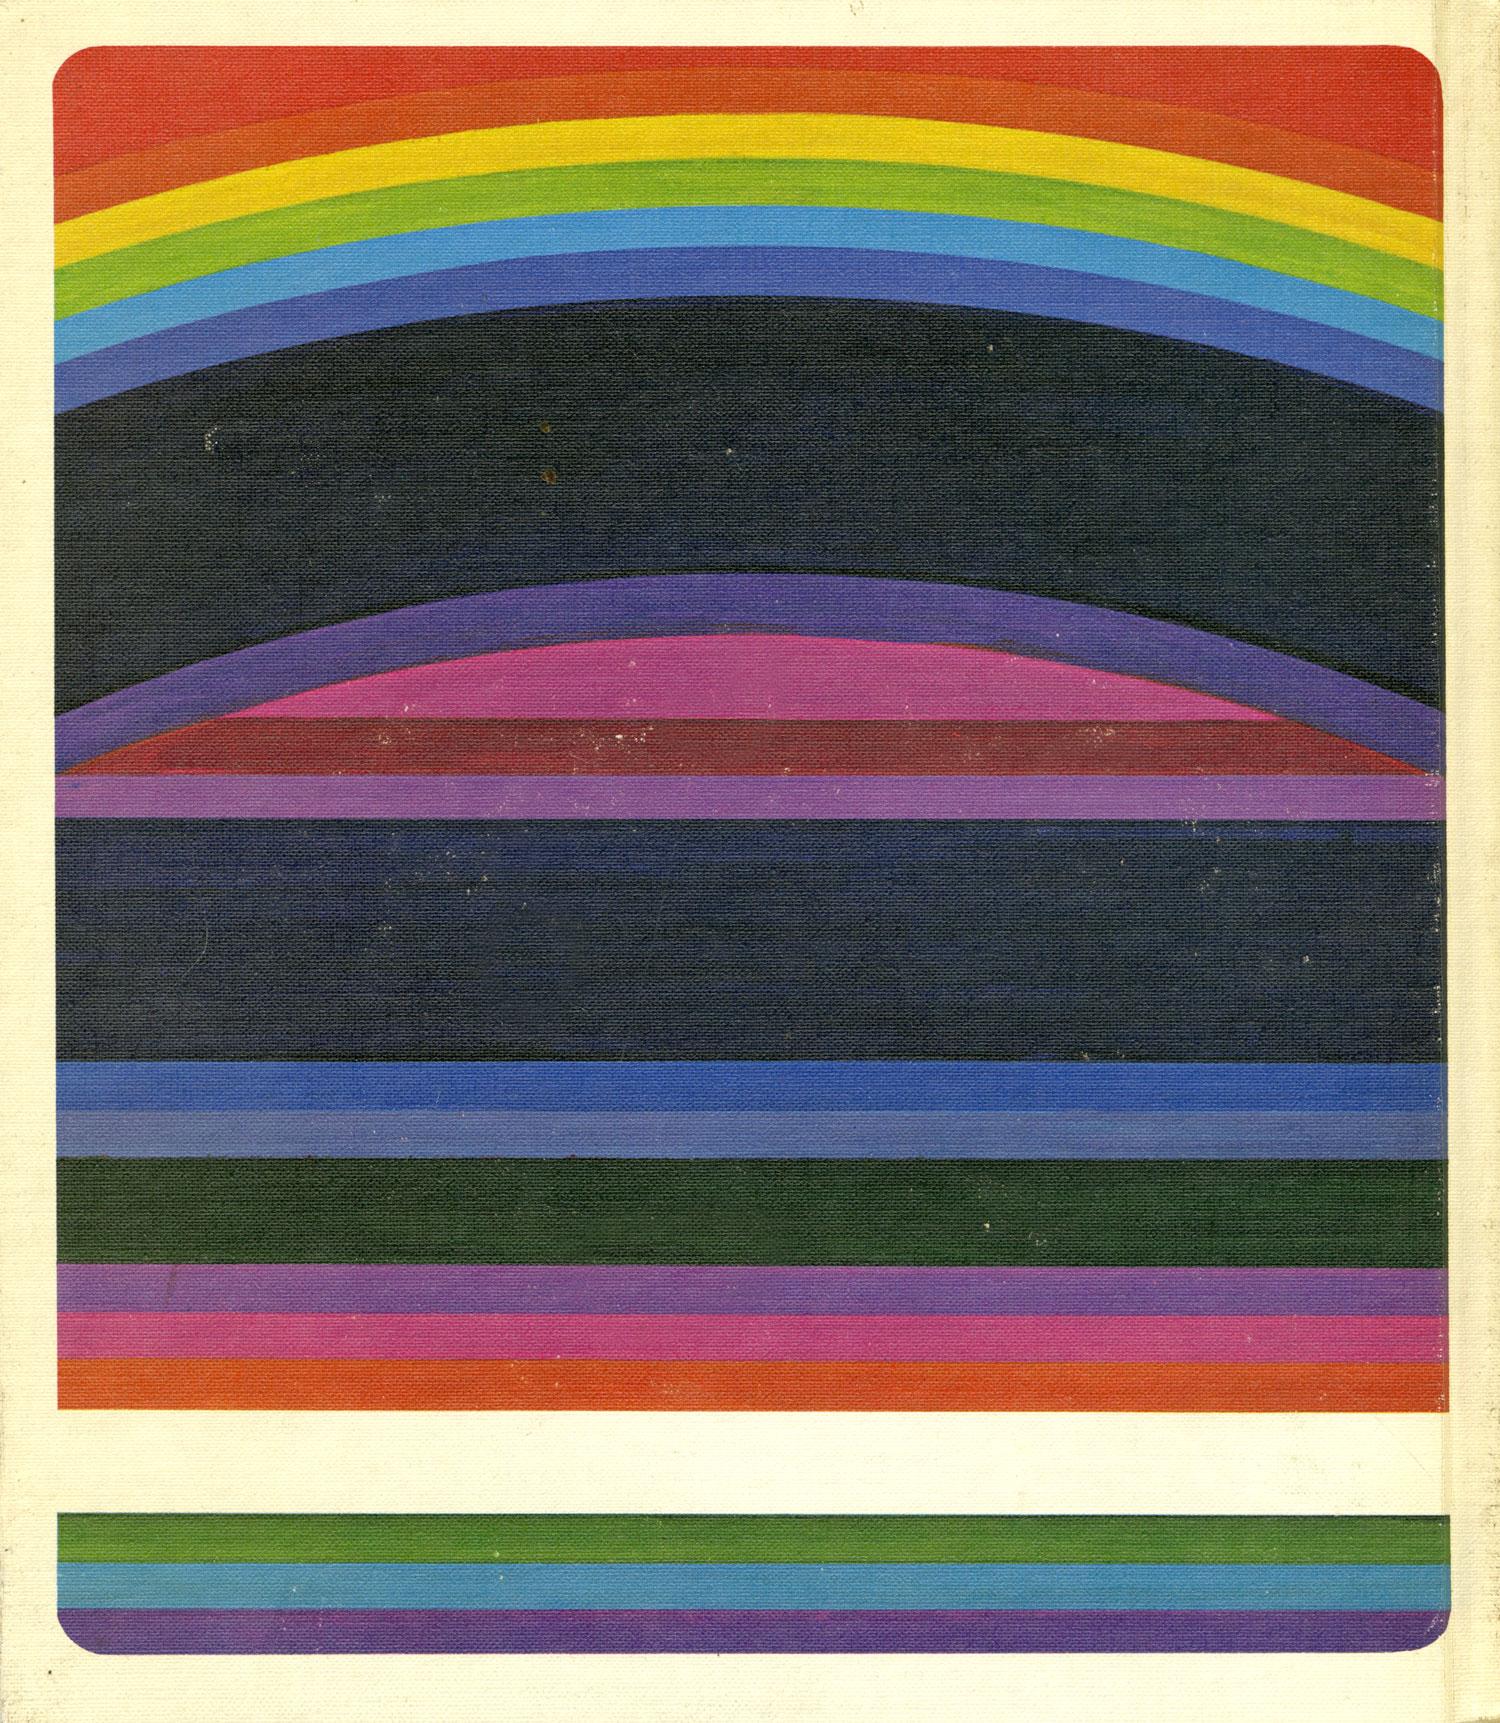 rainbows-jollybeans-back.jpg